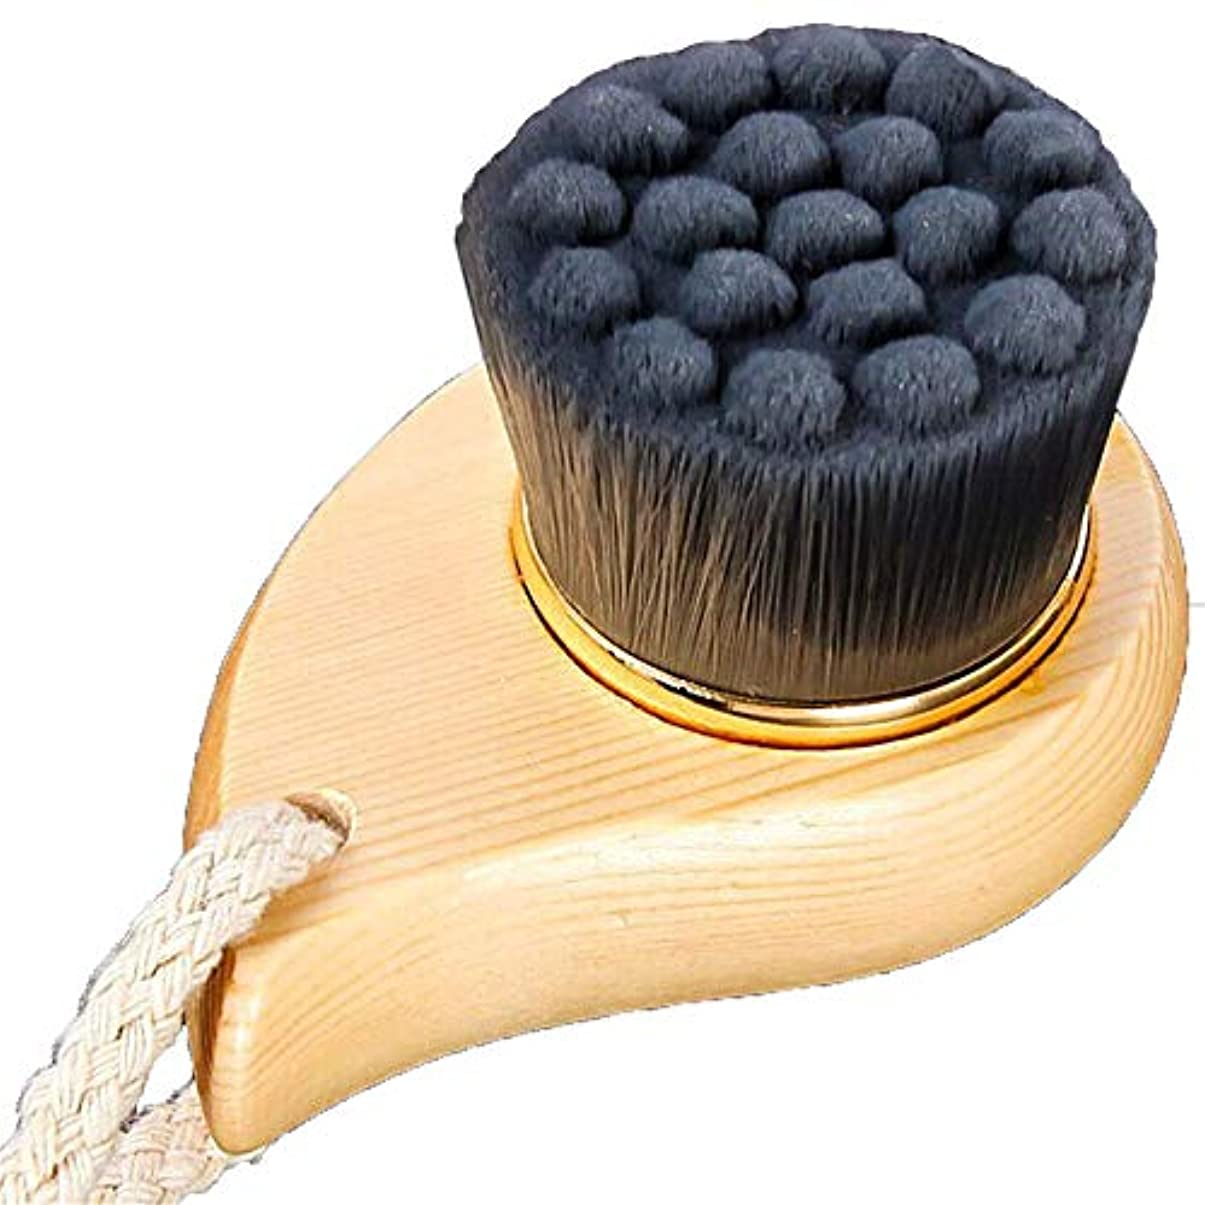 洗顔ブラシ 深い毛穴のための柔らかい剛毛の表面クリーニングの美のブラシの清潔になることの美顔術のブラシ ディープクレンジングスキンケア用